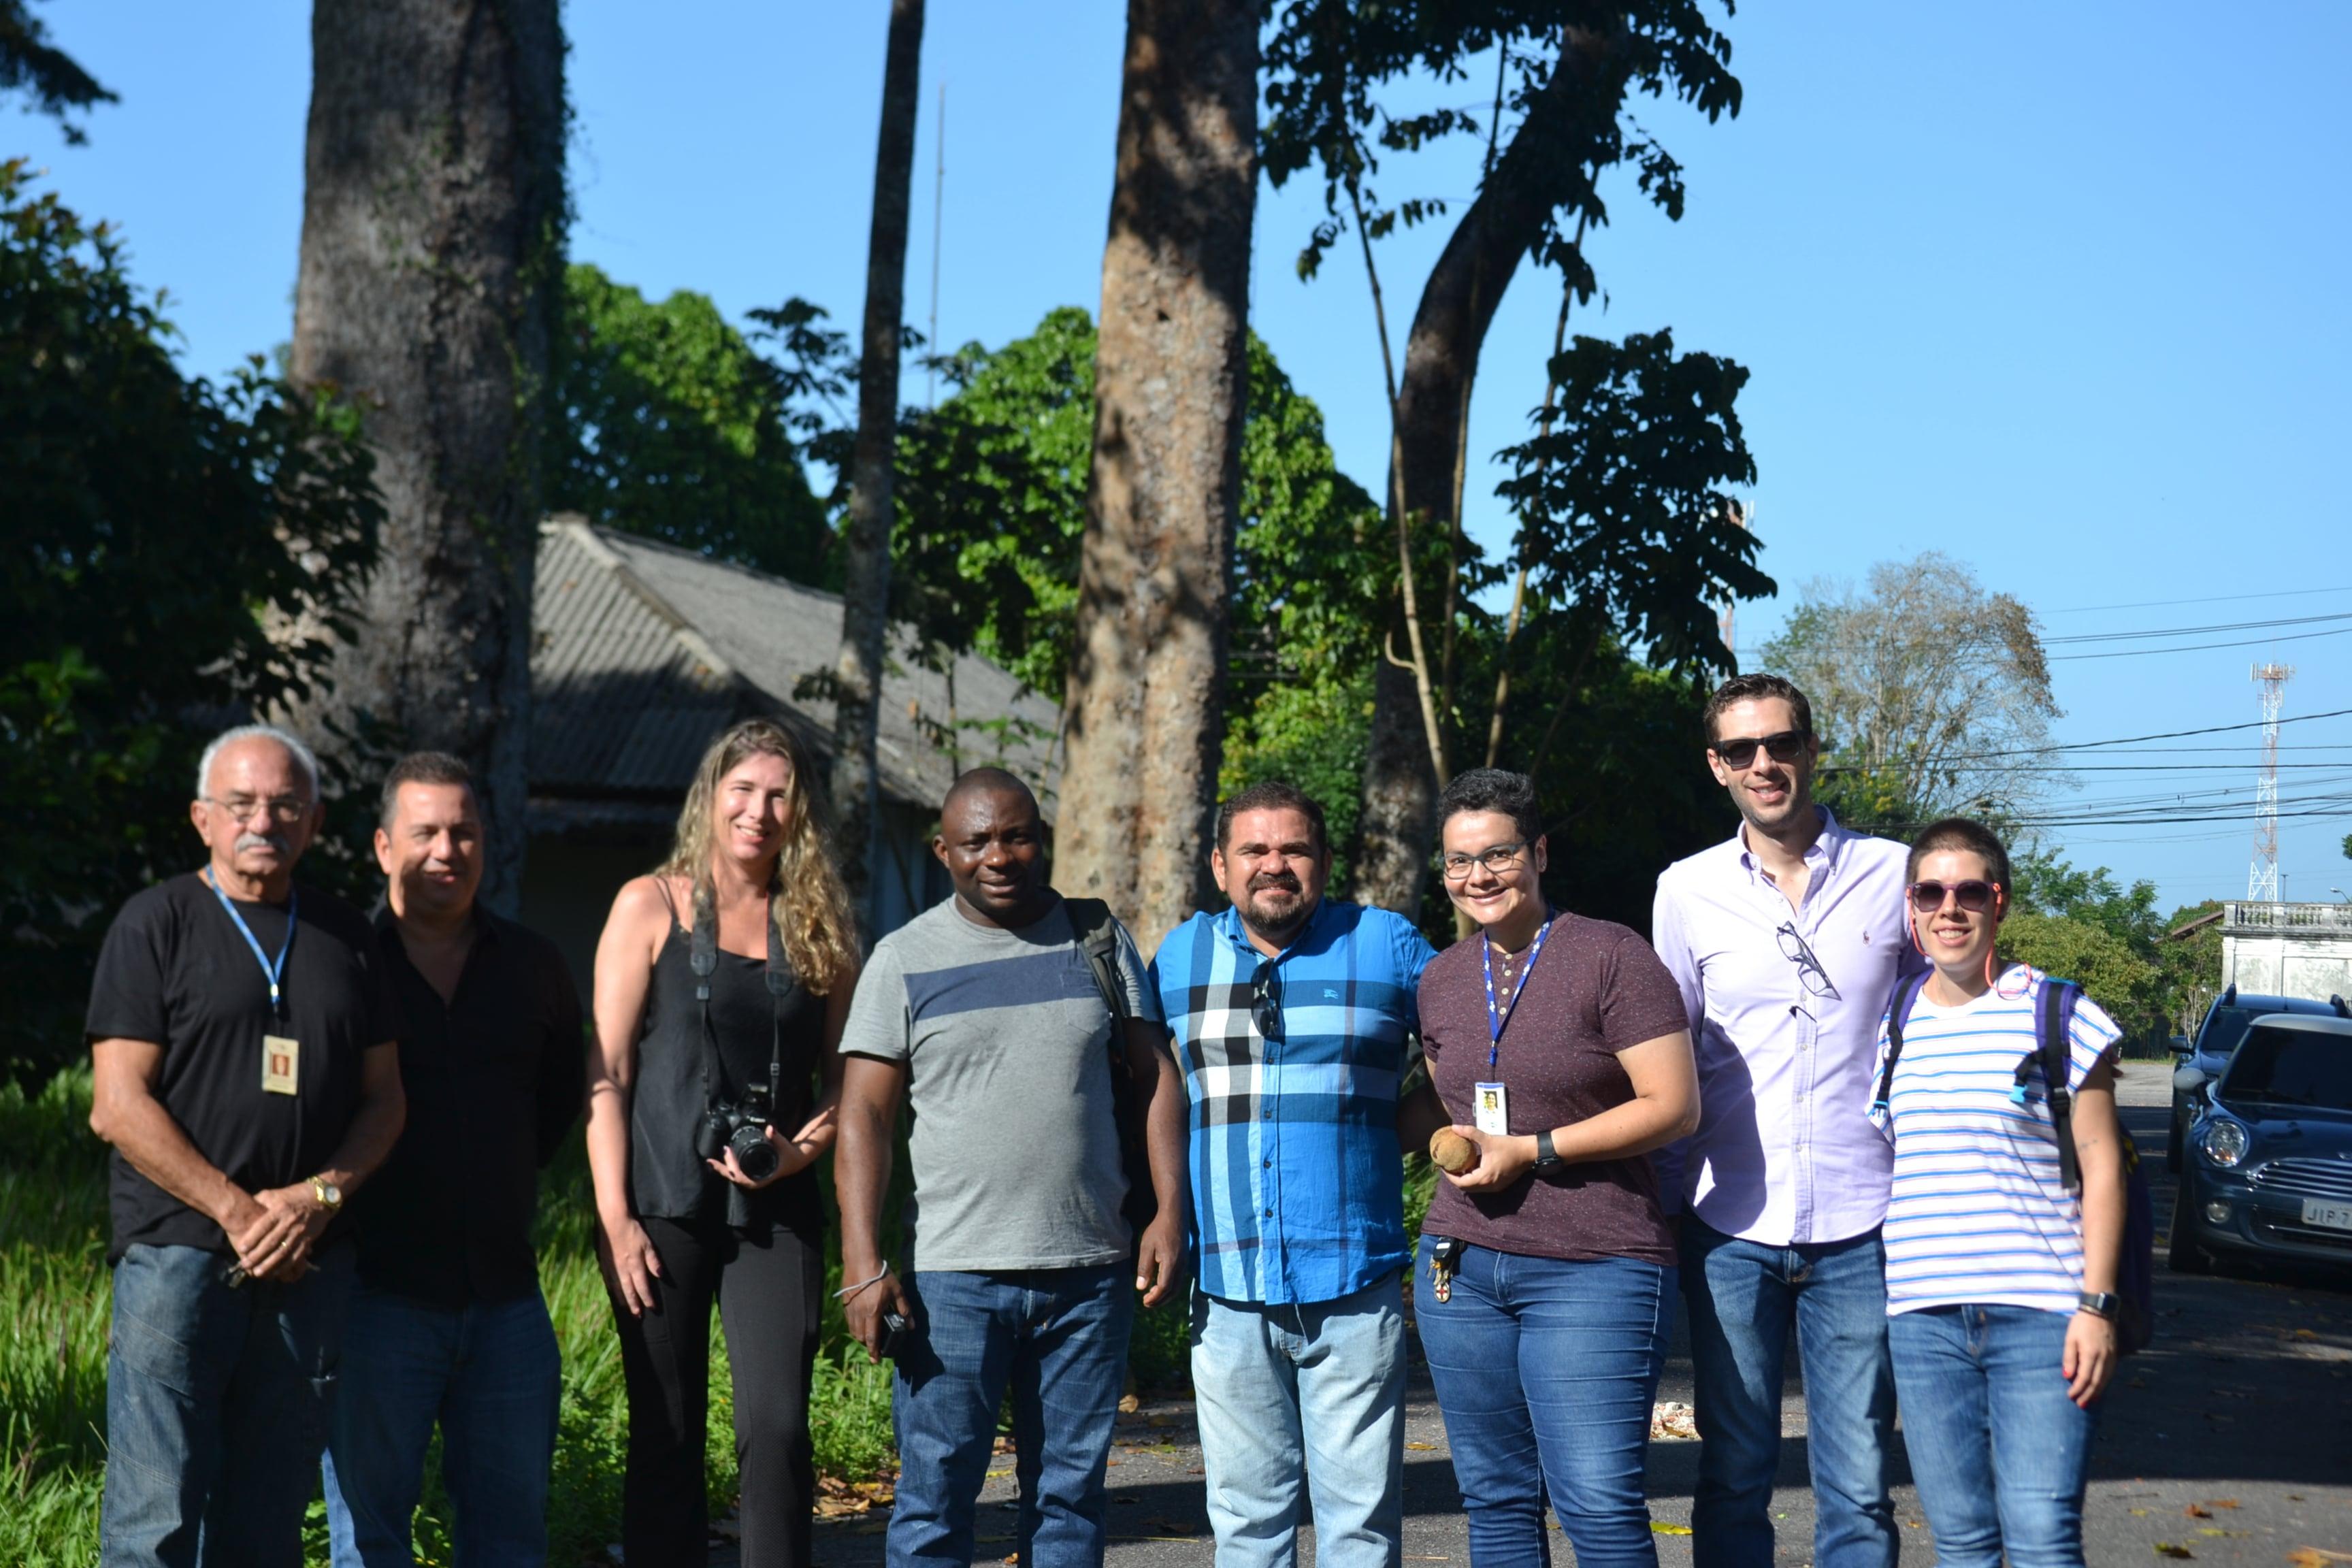 Dr. Ulrich Gael com respresentantes da Embrapa e da ABPMA quando ele atestou que as árvores pioneiras, plantadas no jardim da Empresa Brasileira de Pesquisa Agropecuária (Embrapa), no Pará, que sempre foram consideradas da espécie Khaya ivorensis, são, na verdade, da espécie Khaya grandifoliola